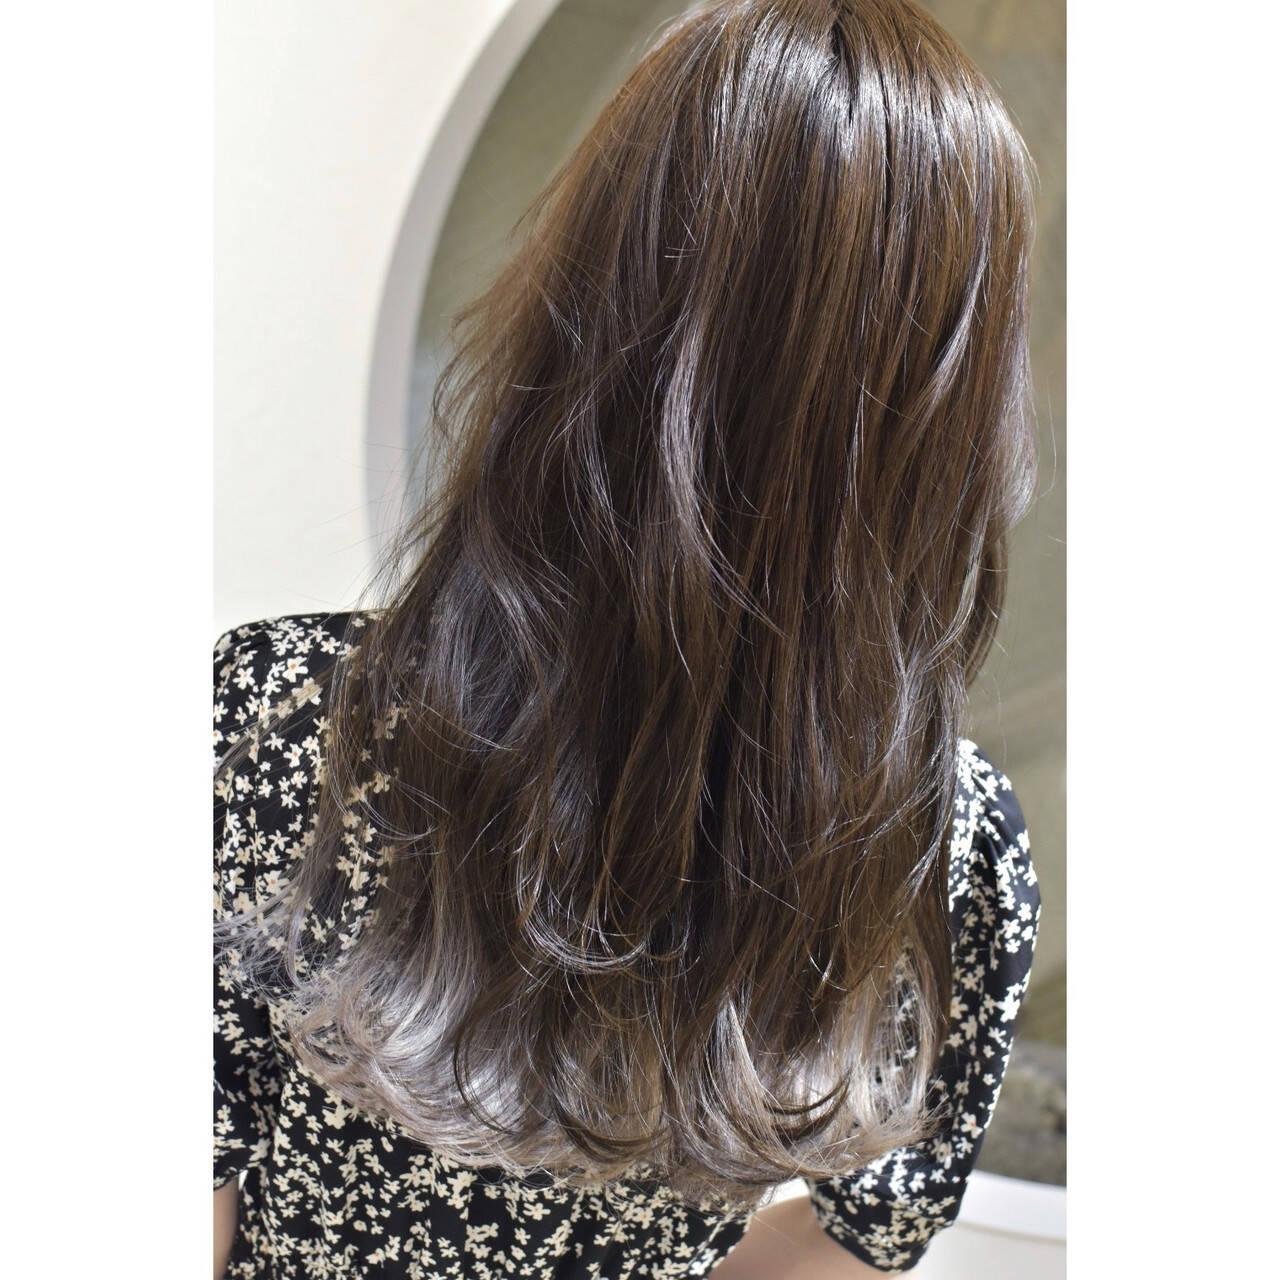 ホワイト ロング ホワイトシルバー ホワイトグラデーションヘアスタイルや髪型の写真・画像